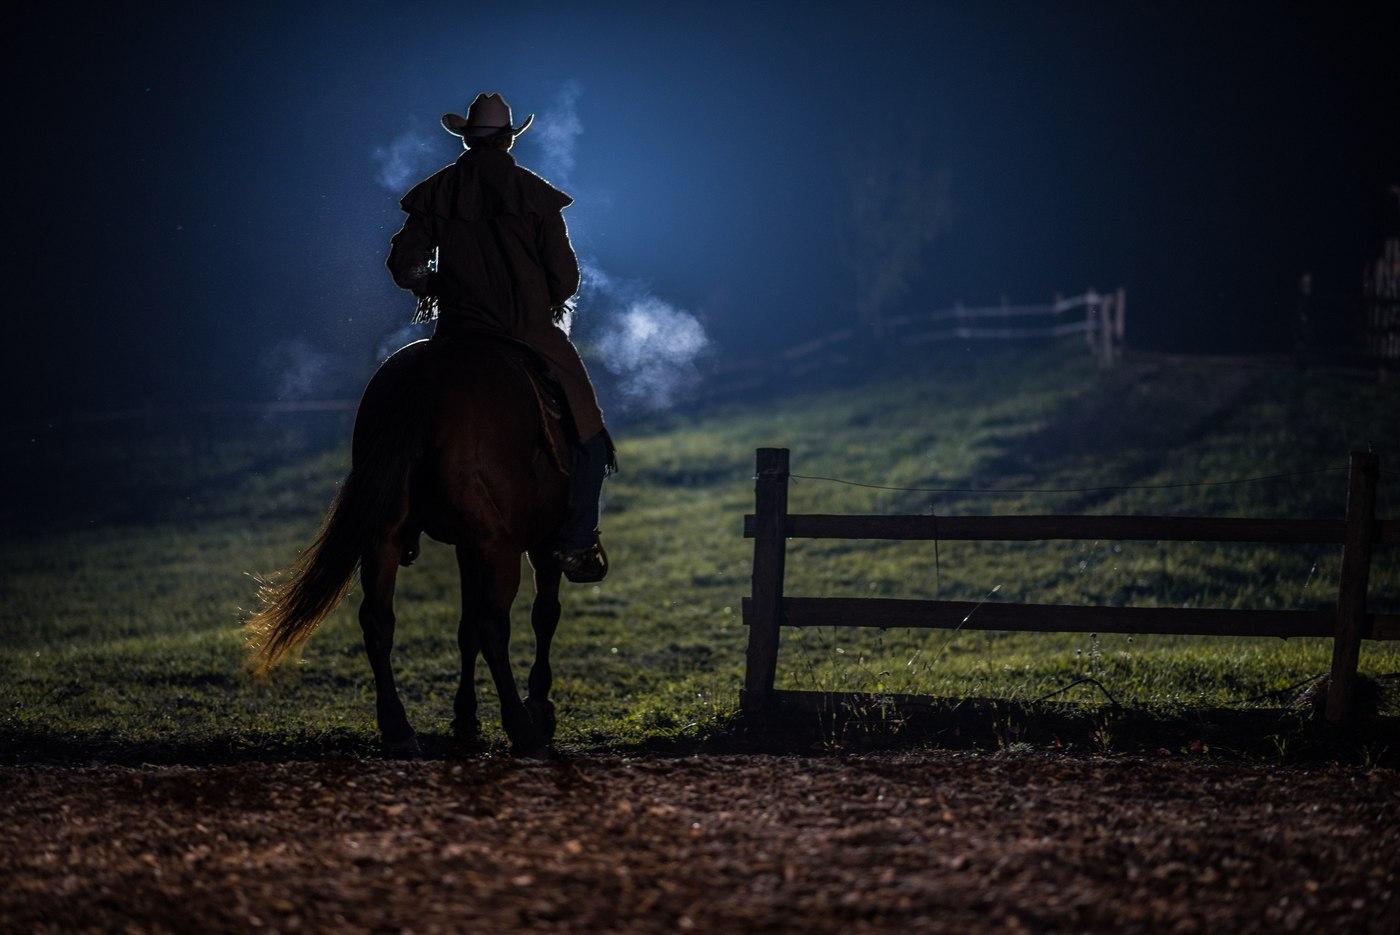 man_on_horseback.jpg